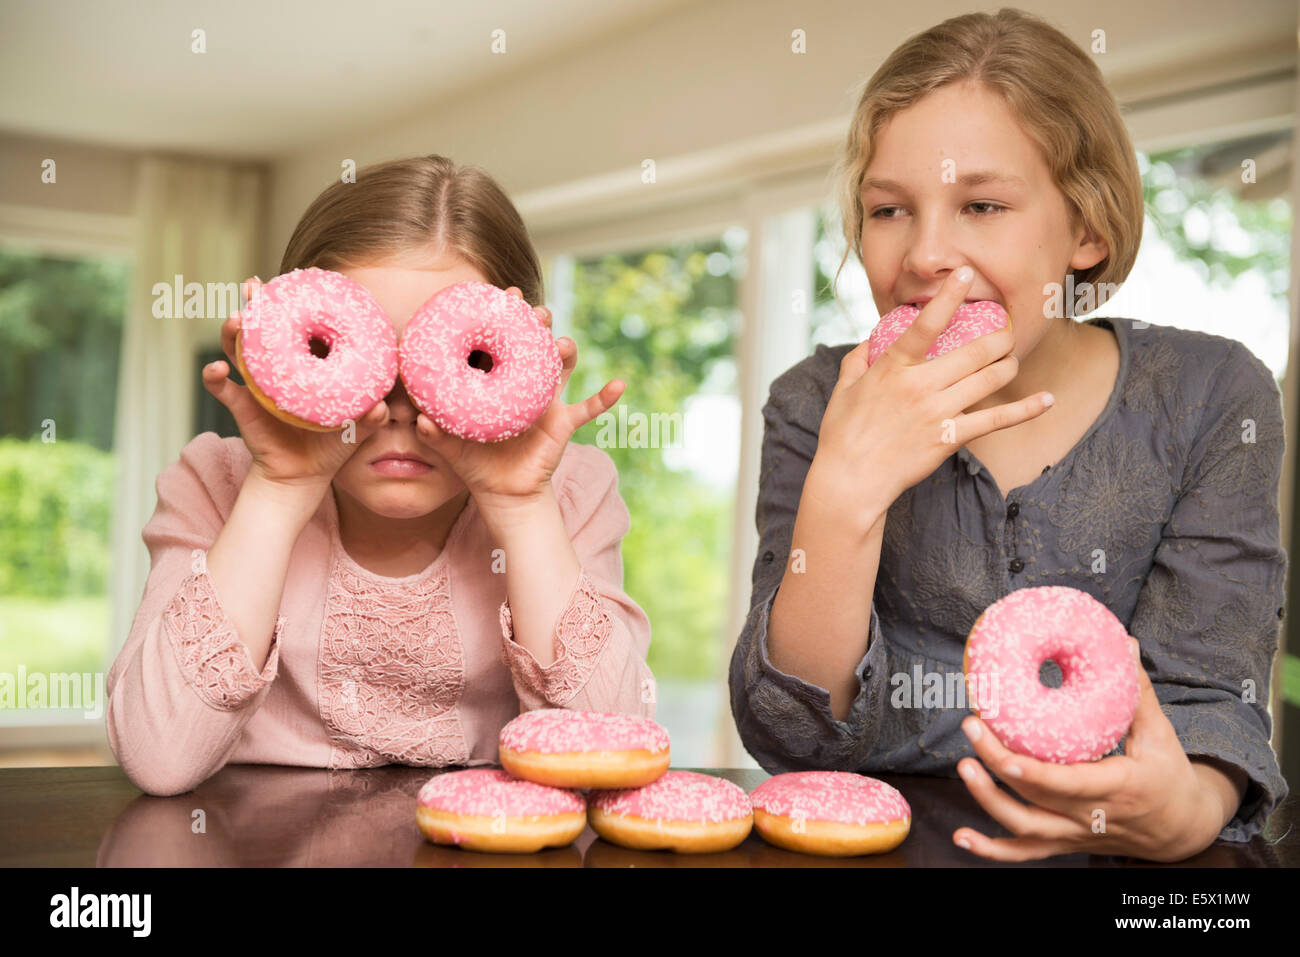 Due sorelle una ciambella con fori sui suoi occhi, le altre mangiare Immagini Stock